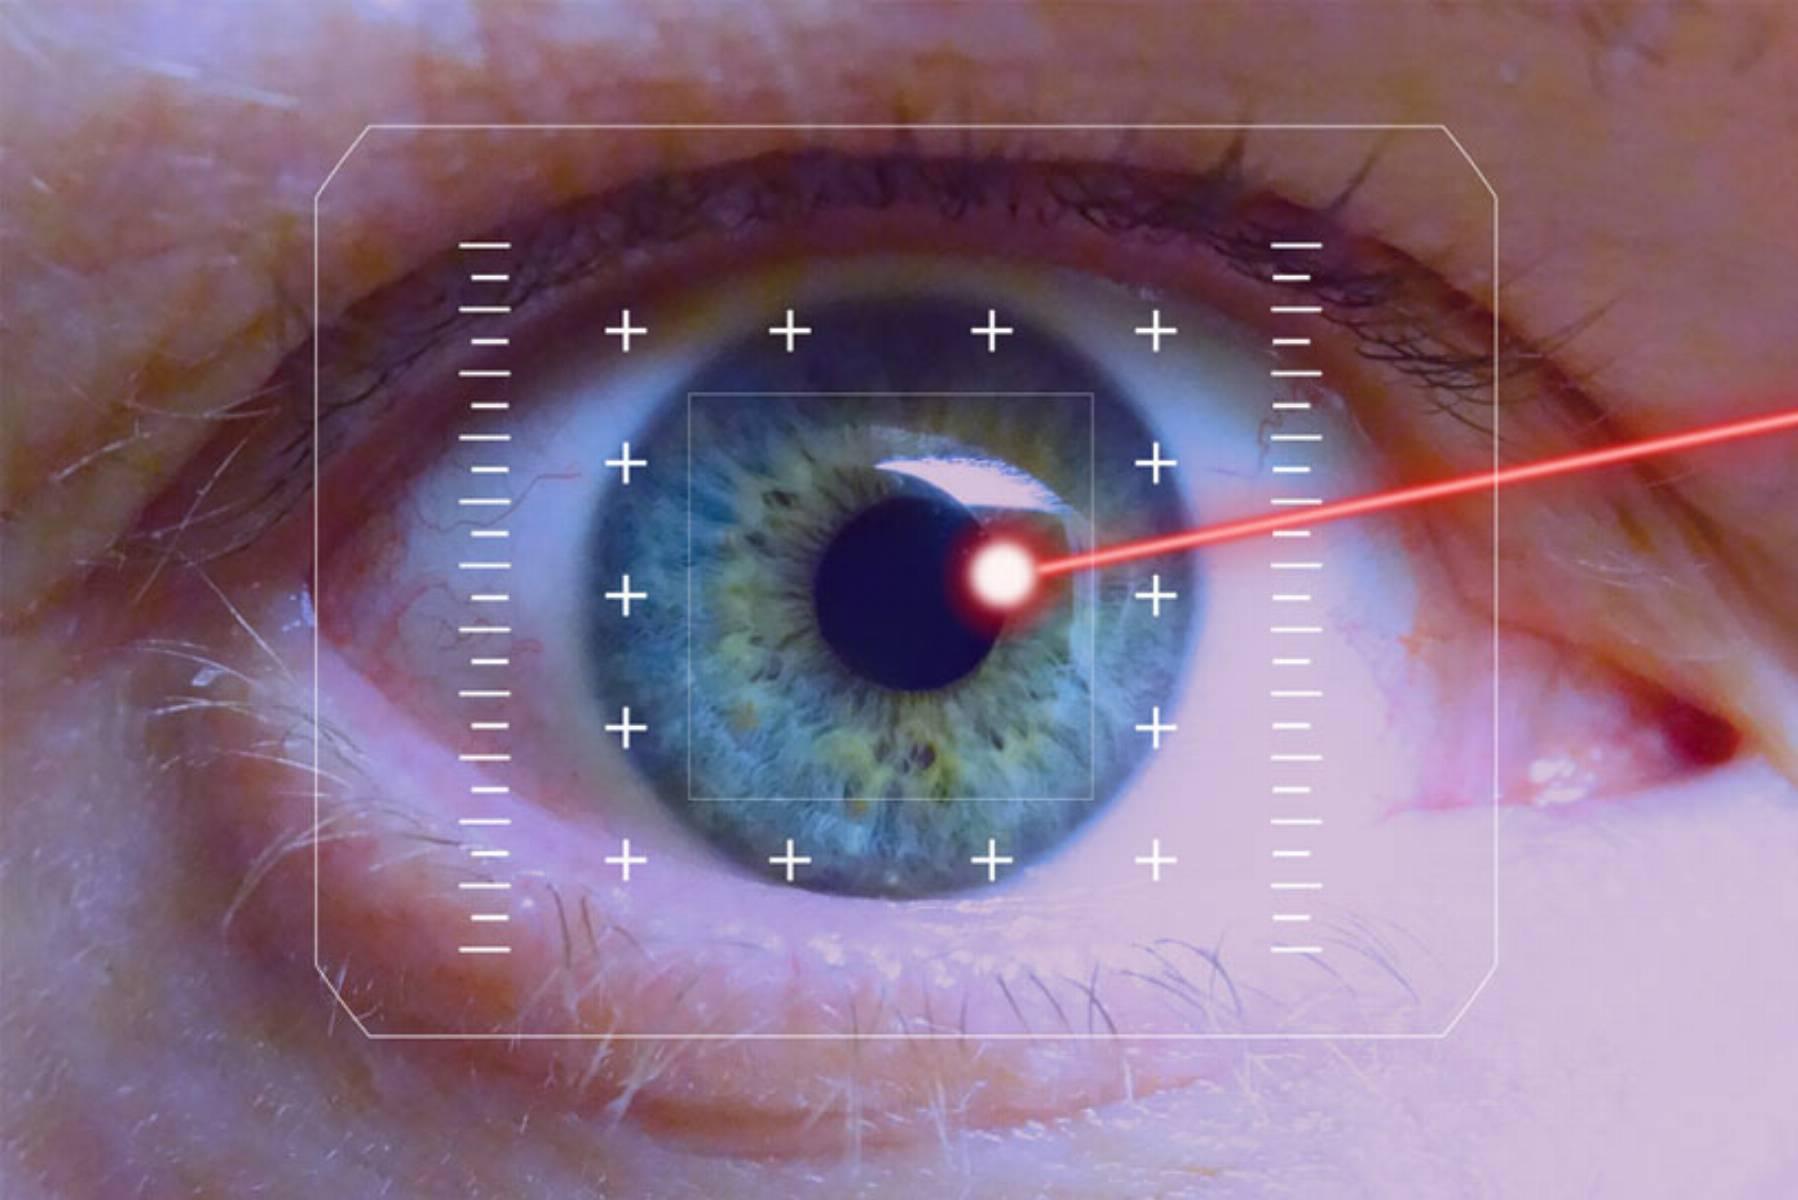 wada-wzroku-korekcja-laserem